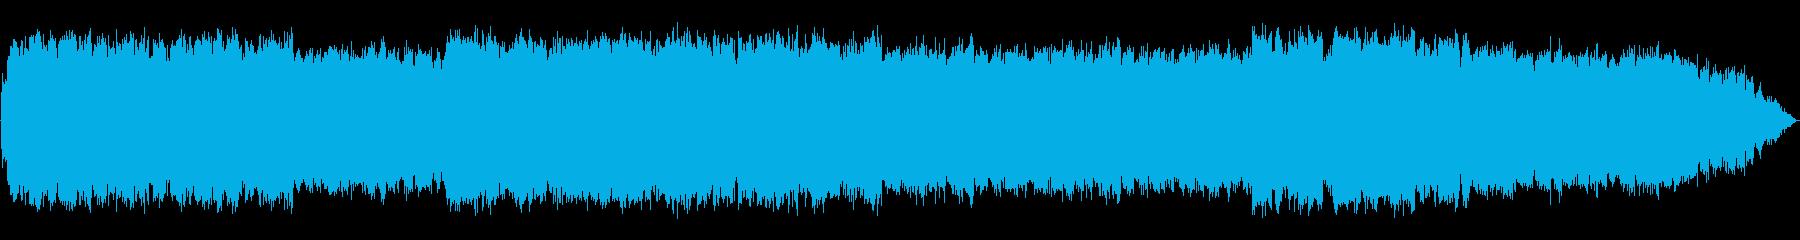 ゆったりとした優しい笛のヒーリング音楽の再生済みの波形